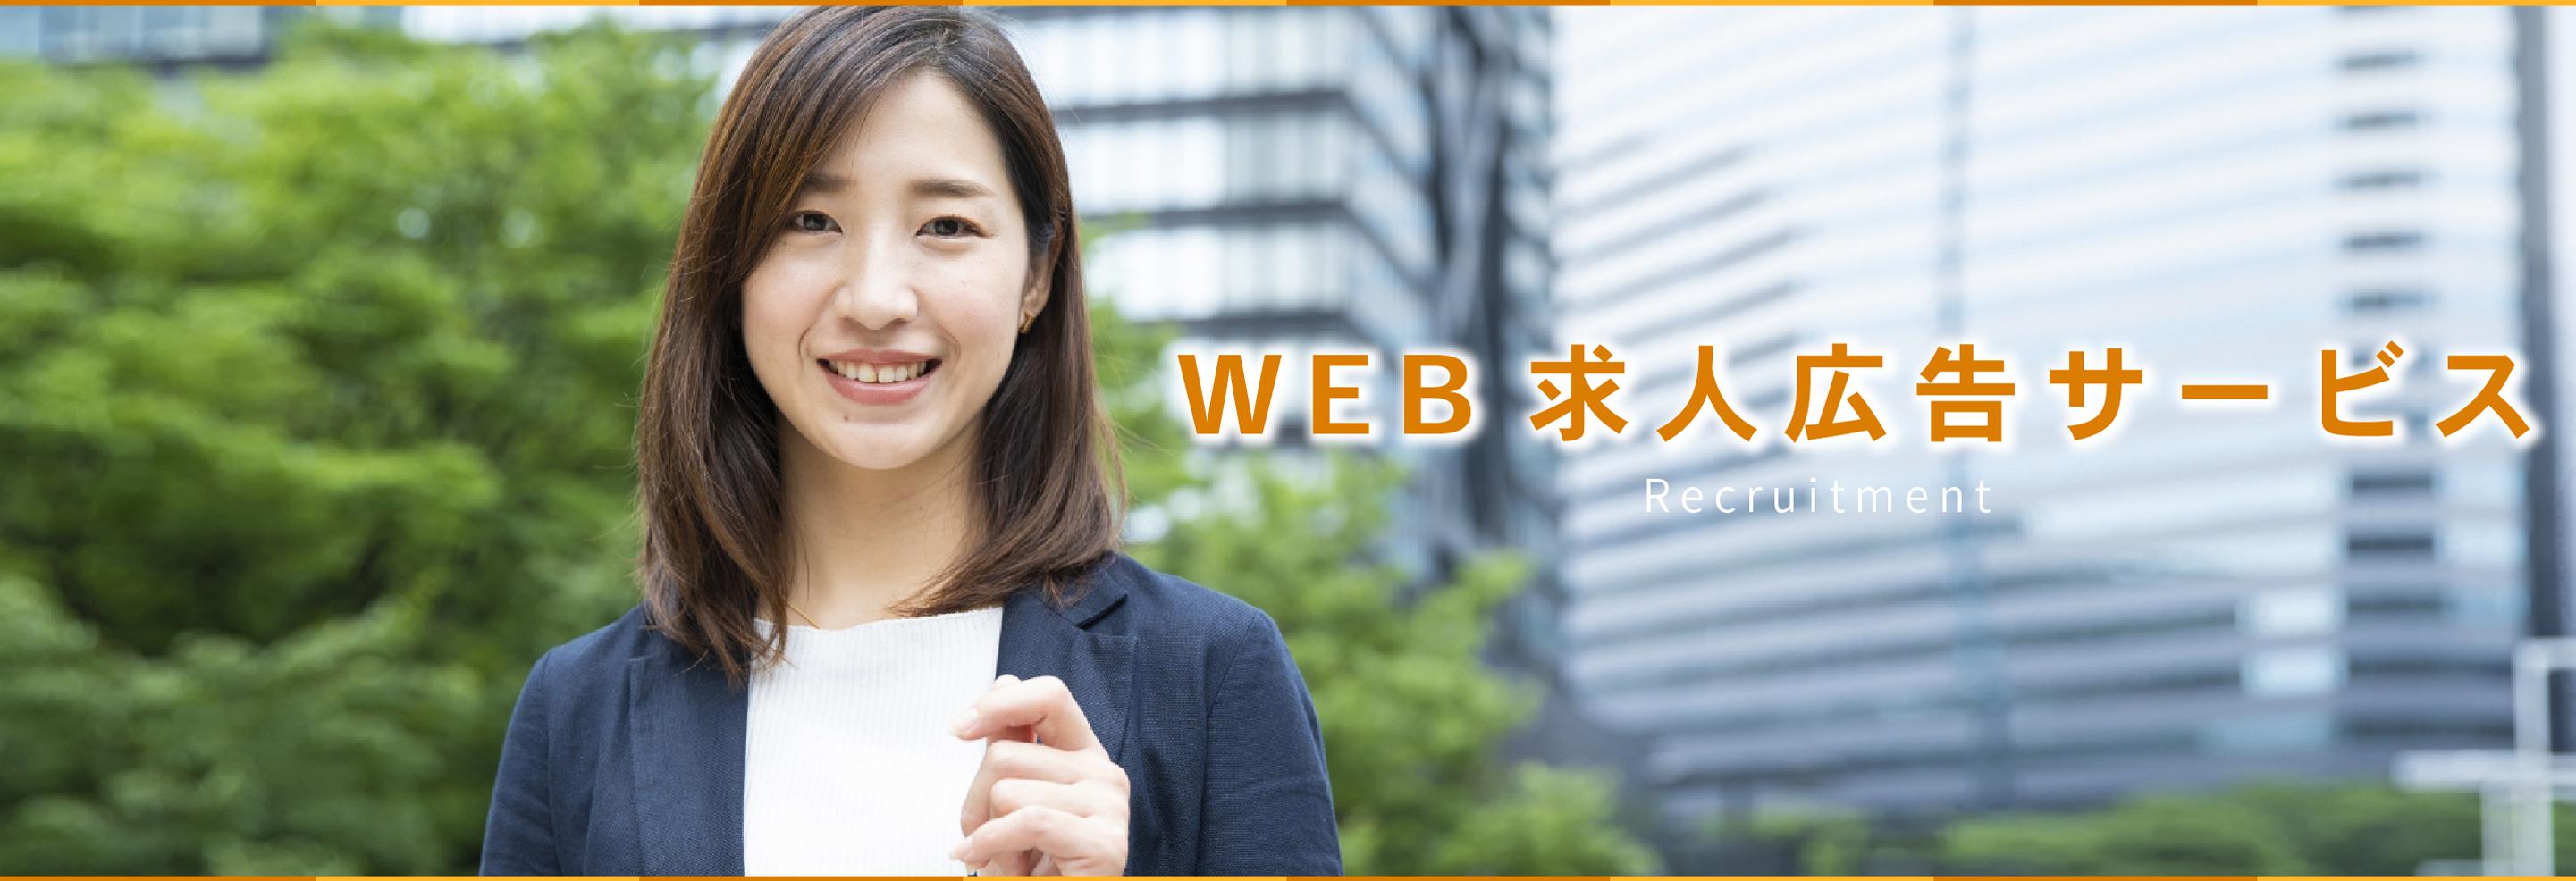 WEB求人広告サービス